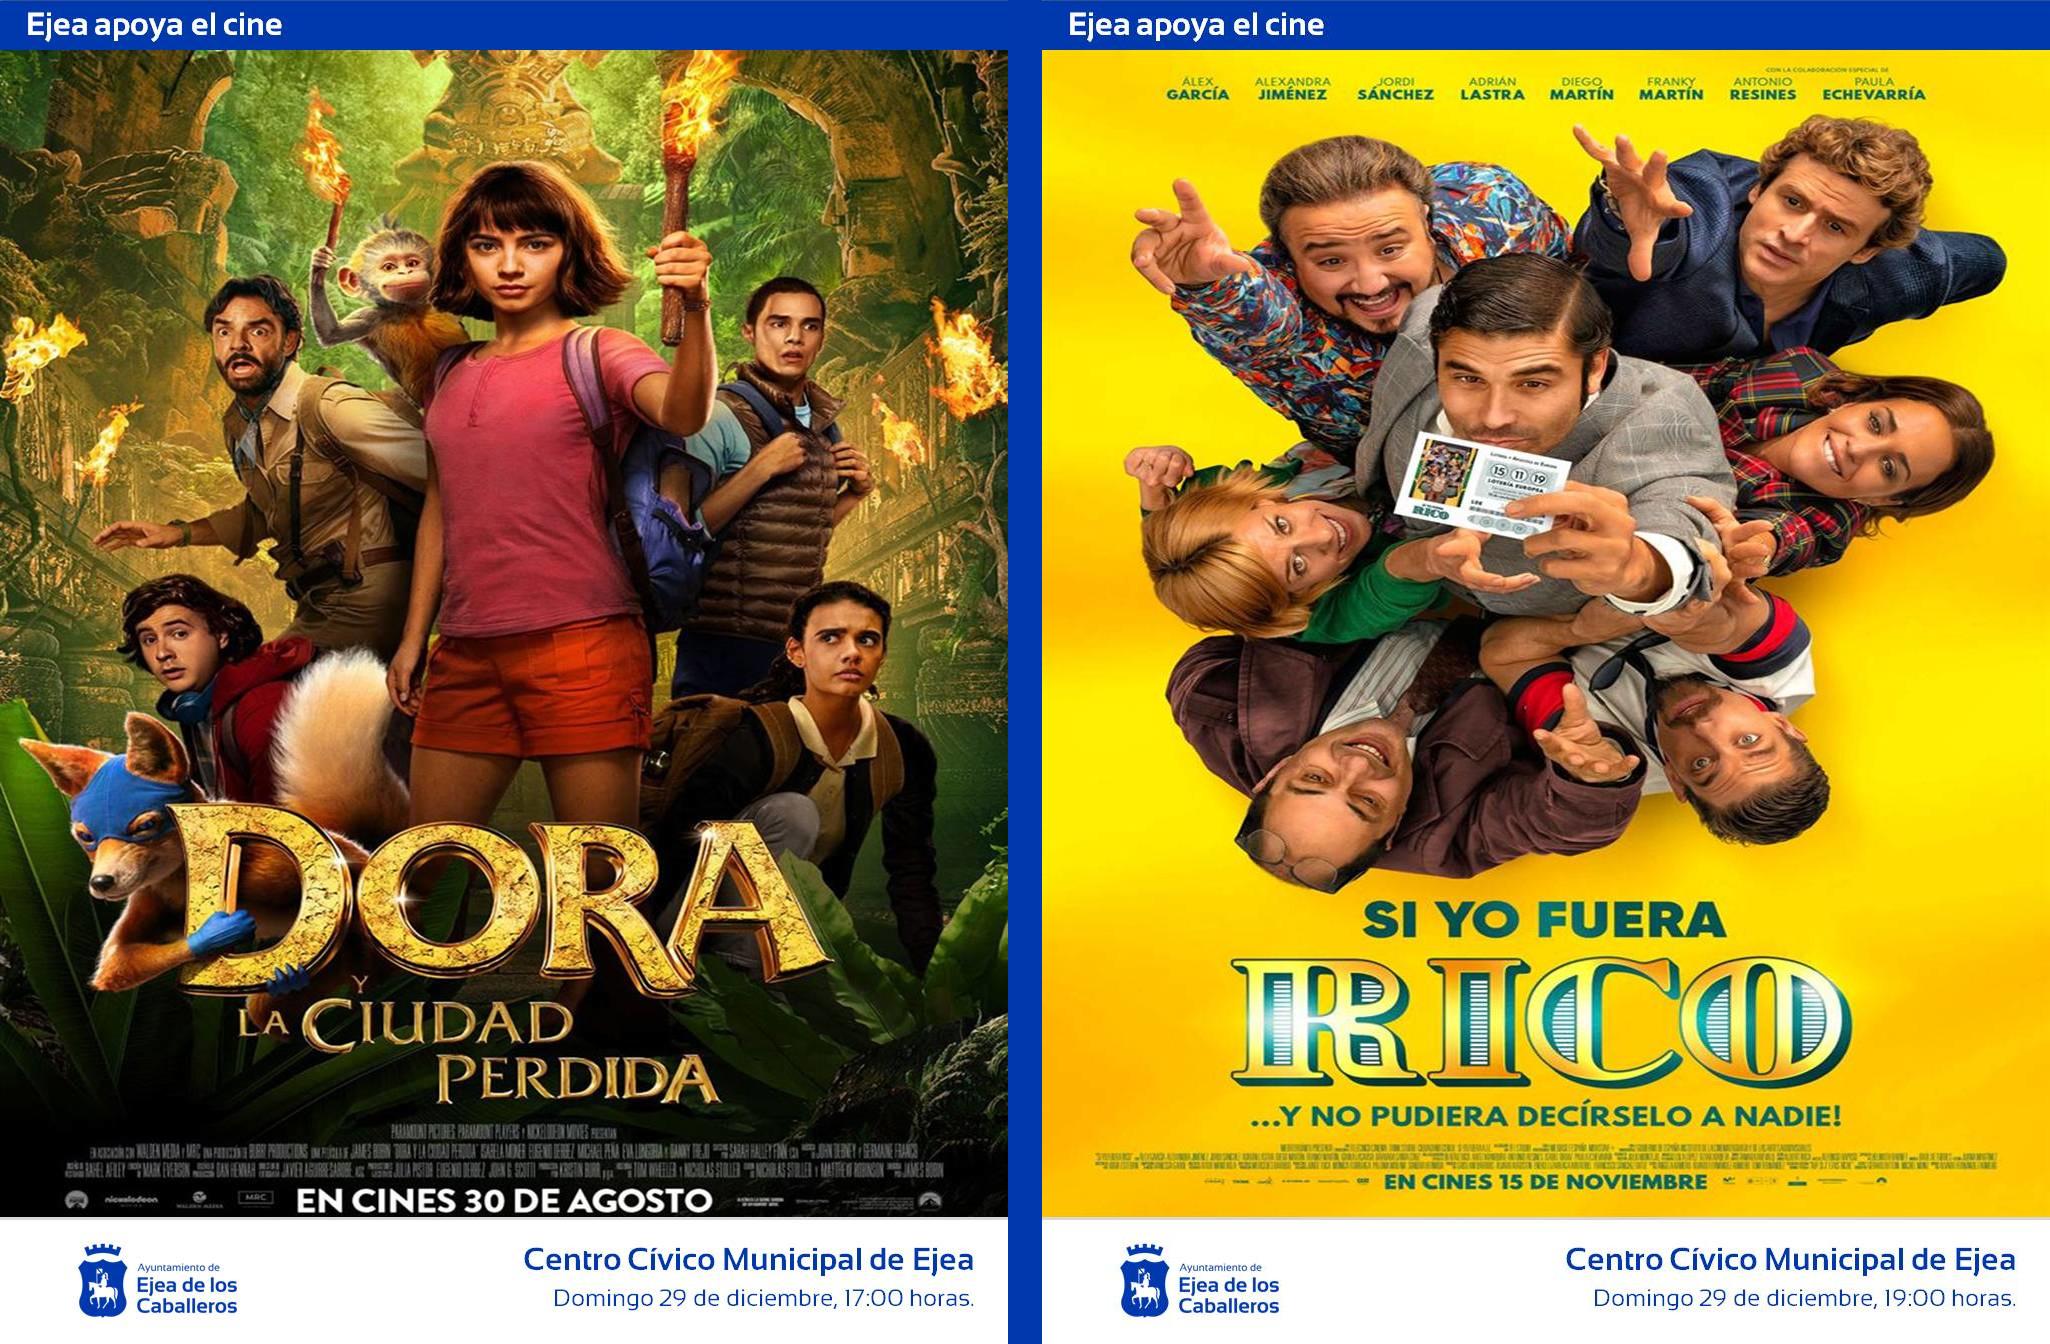 """EJEA APOYA  AL CINE:  Una película infantil de aventuras (""""Dora, la ciudad perdida"""") y una comedia amable y divertida (""""Si yo fuera rico"""")"""